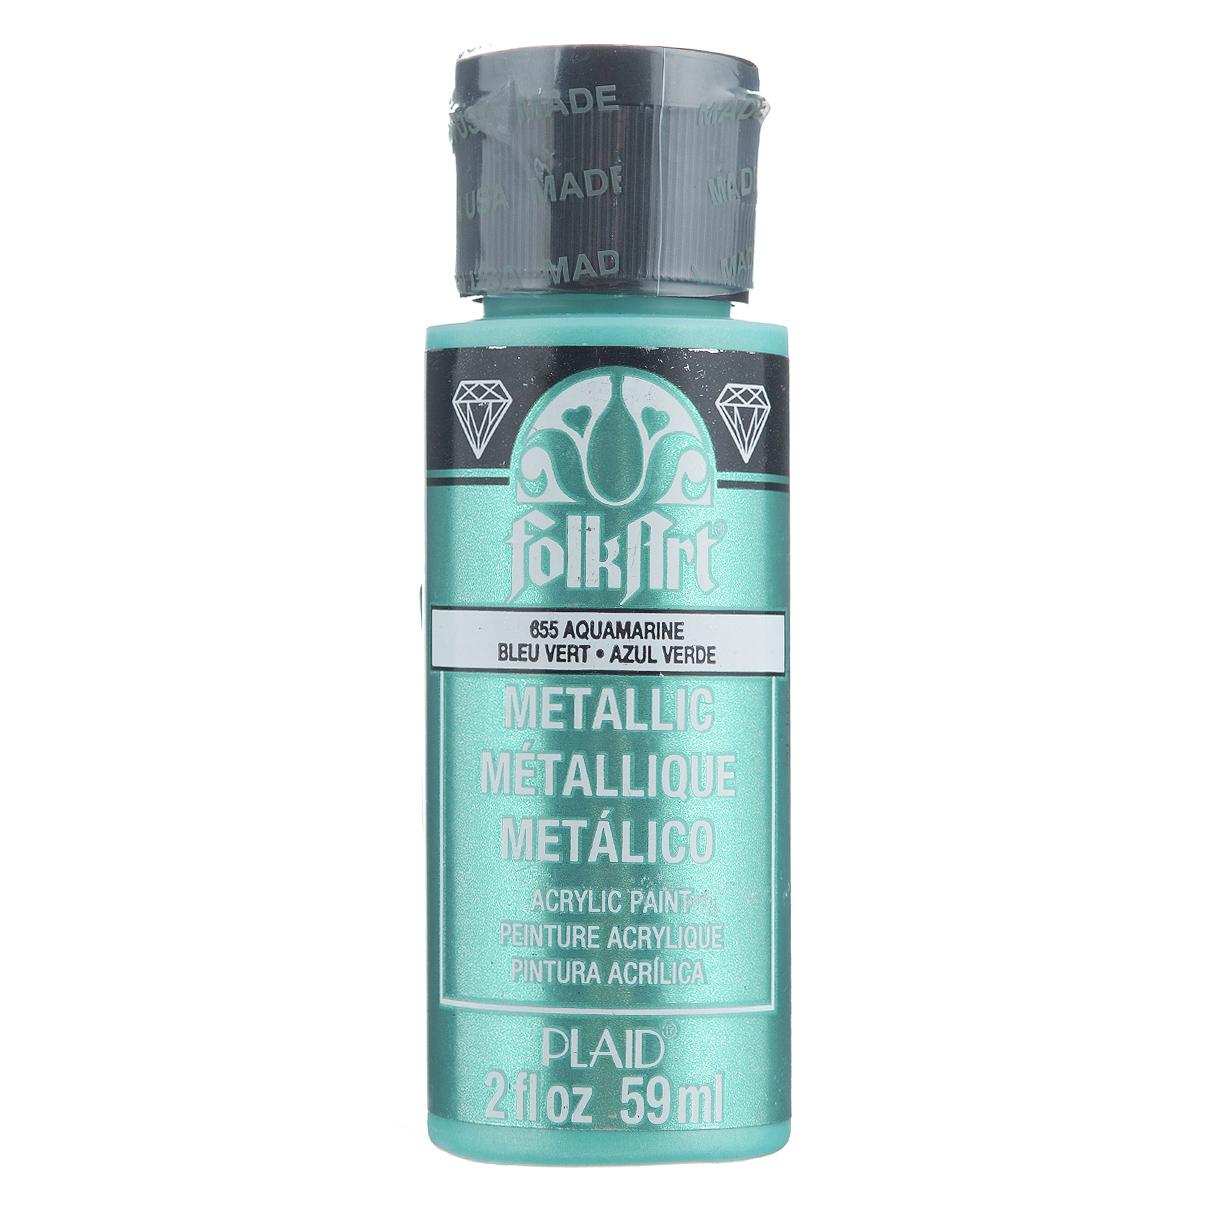 Акриловая краска FolkArt Metallic, цвет: аквамарин, 59 млPLD-00655Акриловая краска FolkArt Metallic выполнена на водной основе и предназначена для рисования на пористых поверхностях. Возможно нанесение на ткань, стекло и керамику при использовании со специальными составами-медиумами. Стойкое окрашивание, однородная консистенция. Краски разных цветов хорошо смешиваются между собой. Перед повторным нанесением краски дать высохнуть в течение 1 часа. До высыхания может быть смыта водой с мылом. Объем: 59 мл.